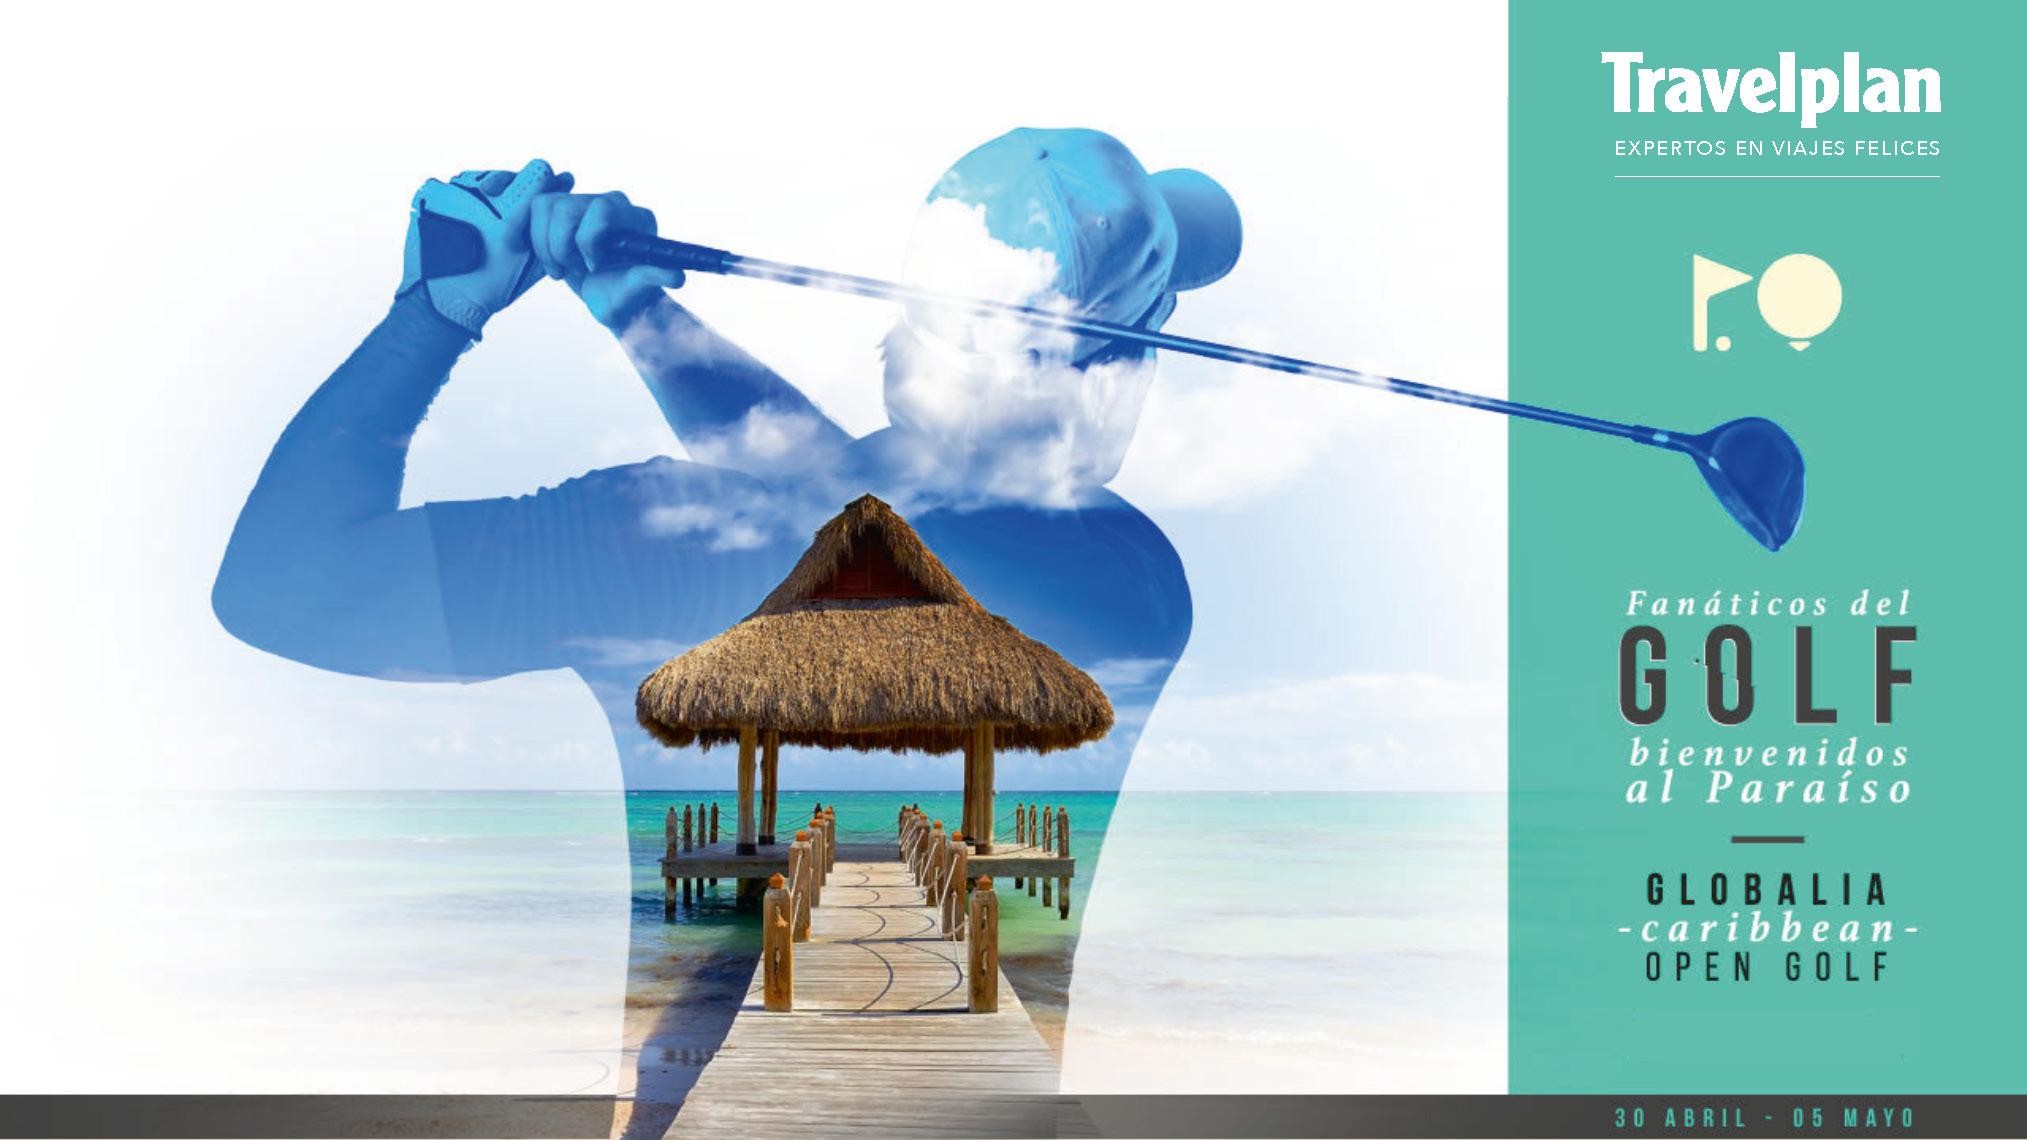 Catalogo Travelplan Caribbean Open Golf 2019